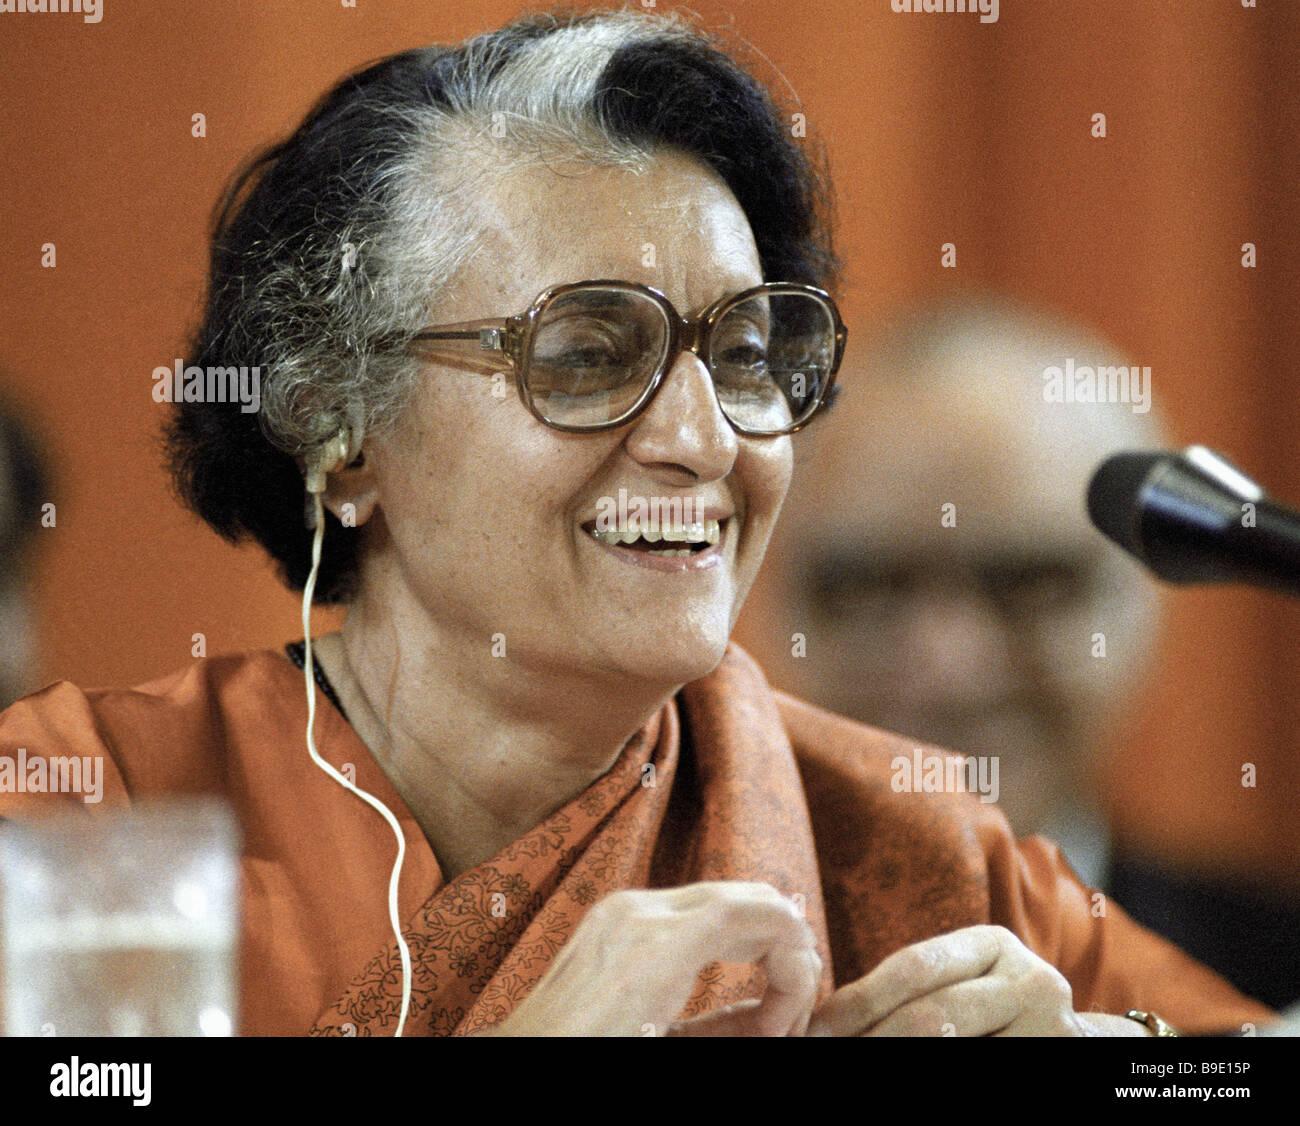 El Primer Ministro de la India, Indira Gandhi, dando una entrevista durante su visita a la Unión Soviética Foto de stock